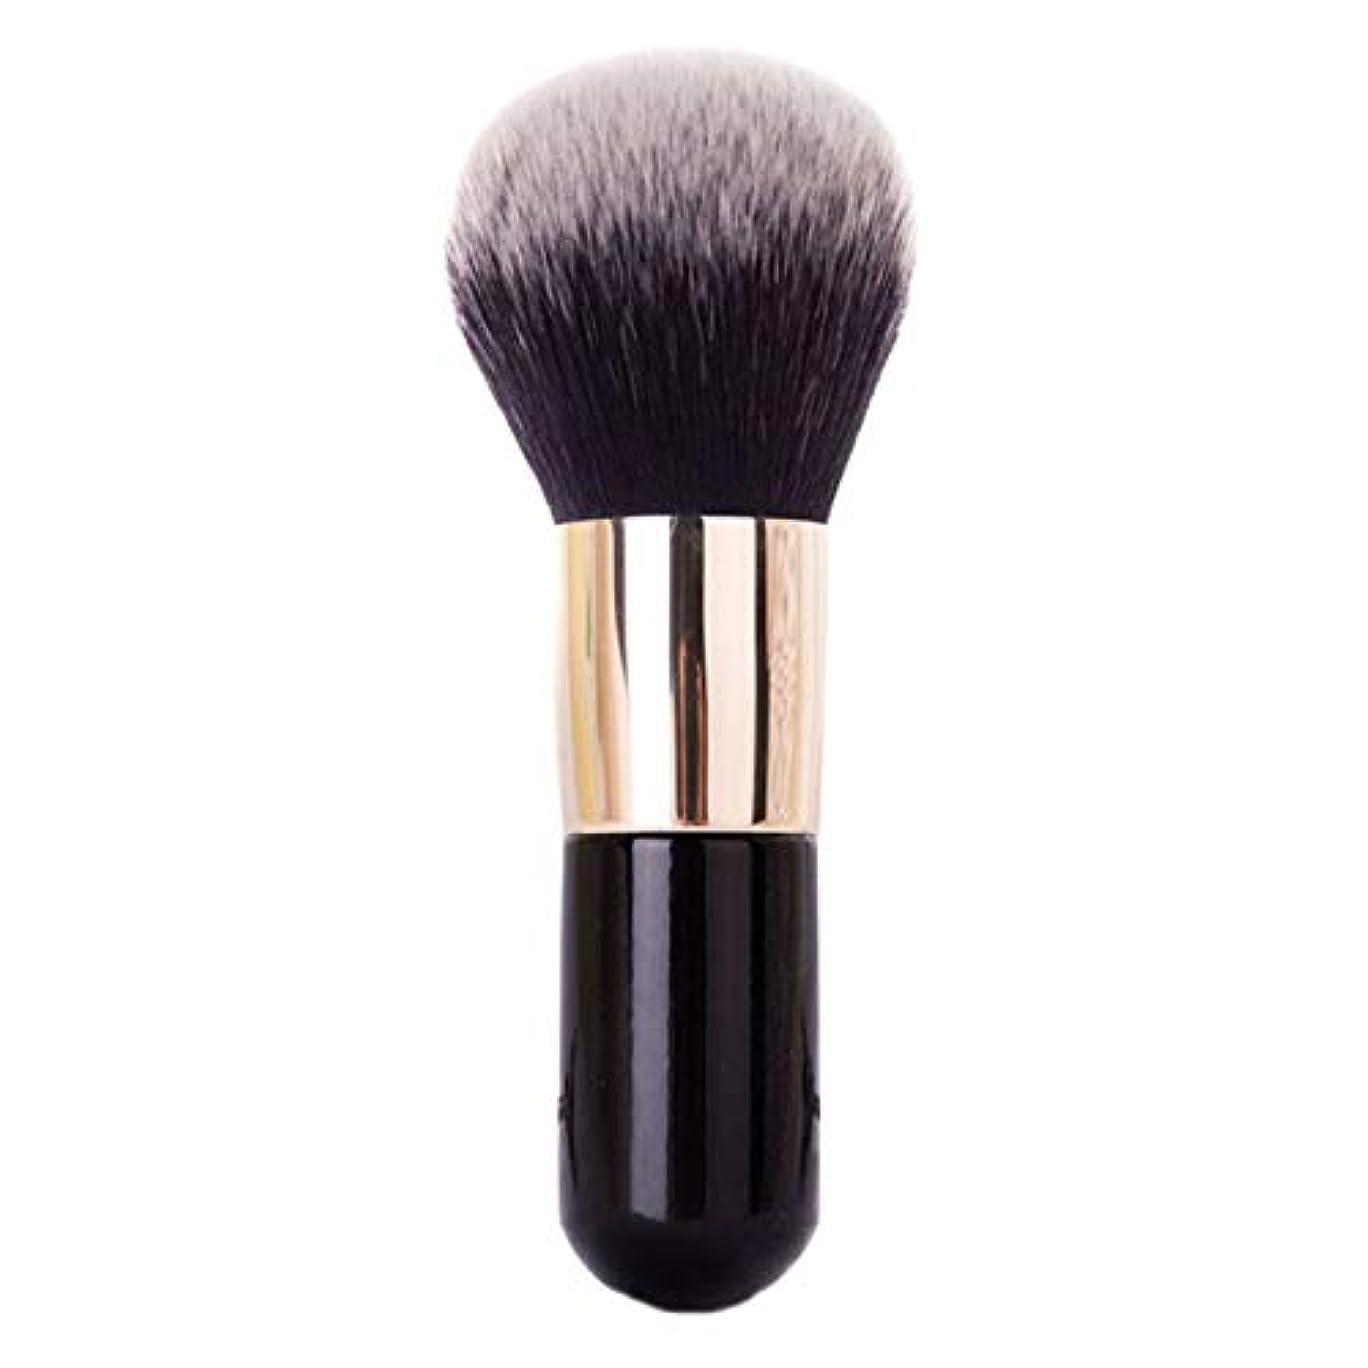 SODIAL ビッグサイズ化粧ブラシ 美容パウダーフェイスブラッシュブラシ プロフェッショナル大化粧品 ソフトファンデーションメイクアップツール